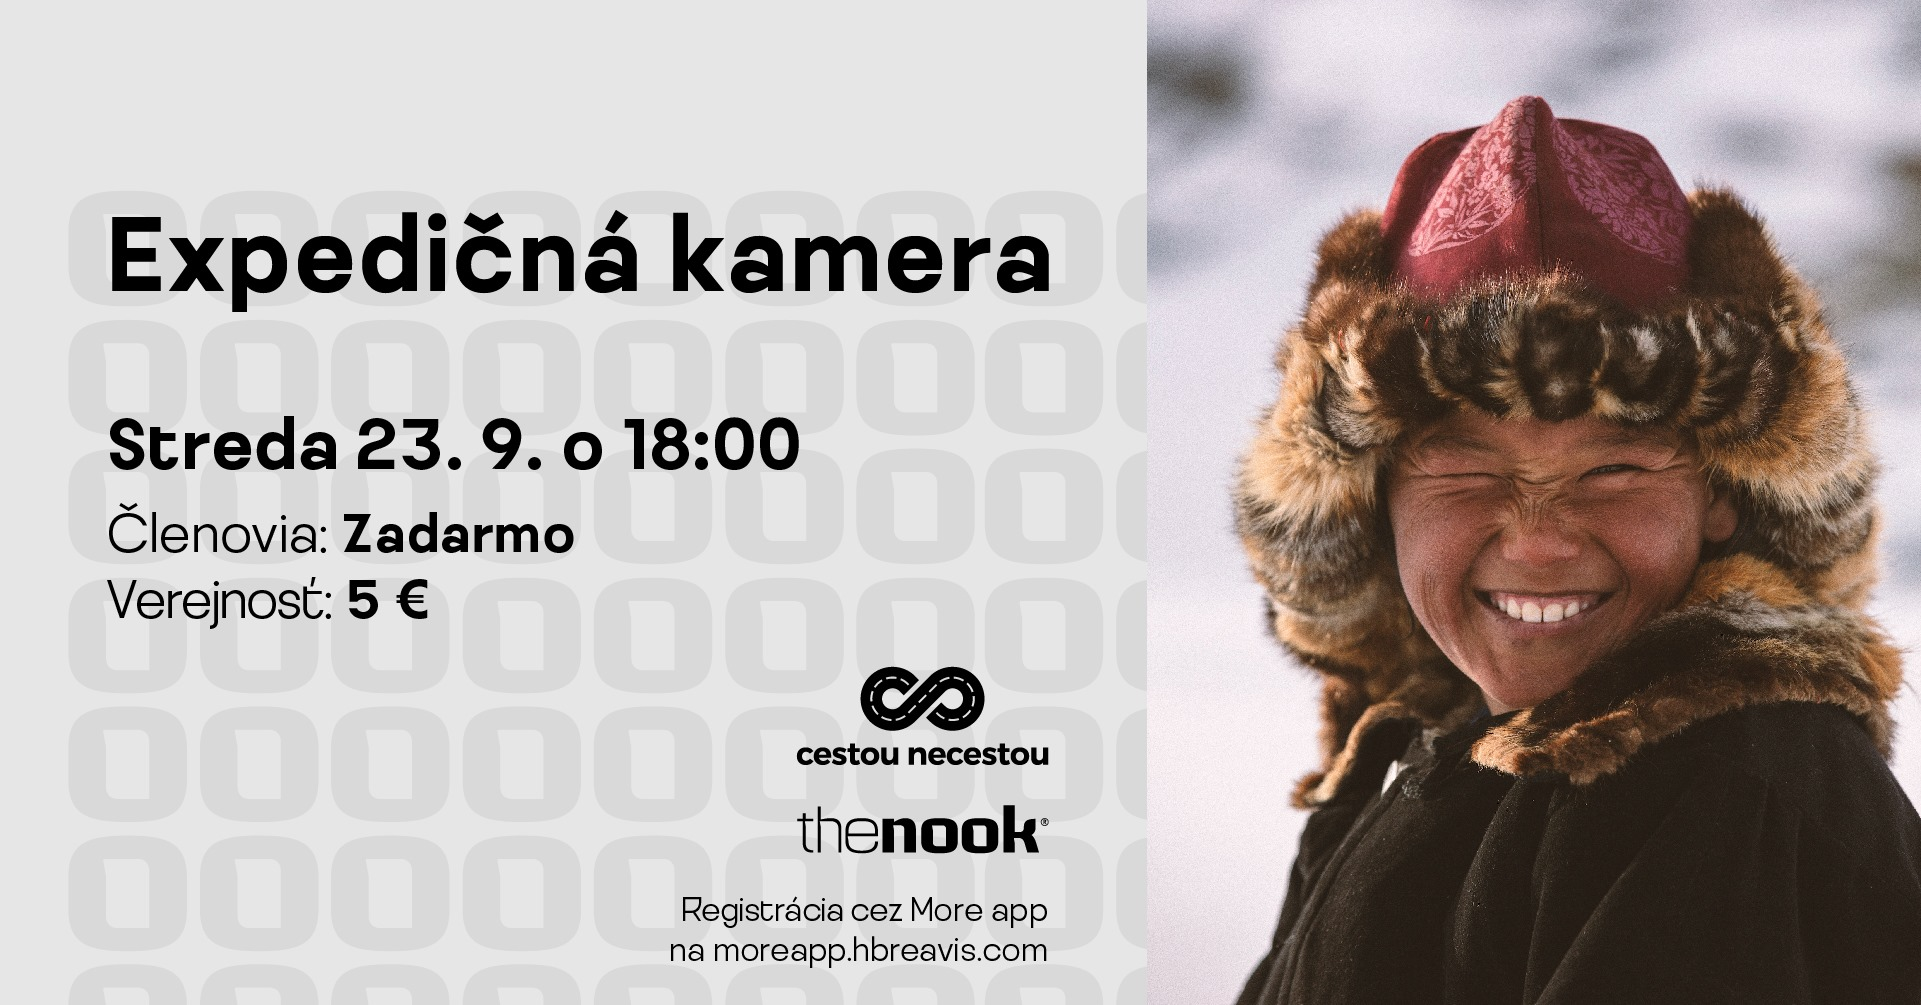 Expedičná kamera The Nook